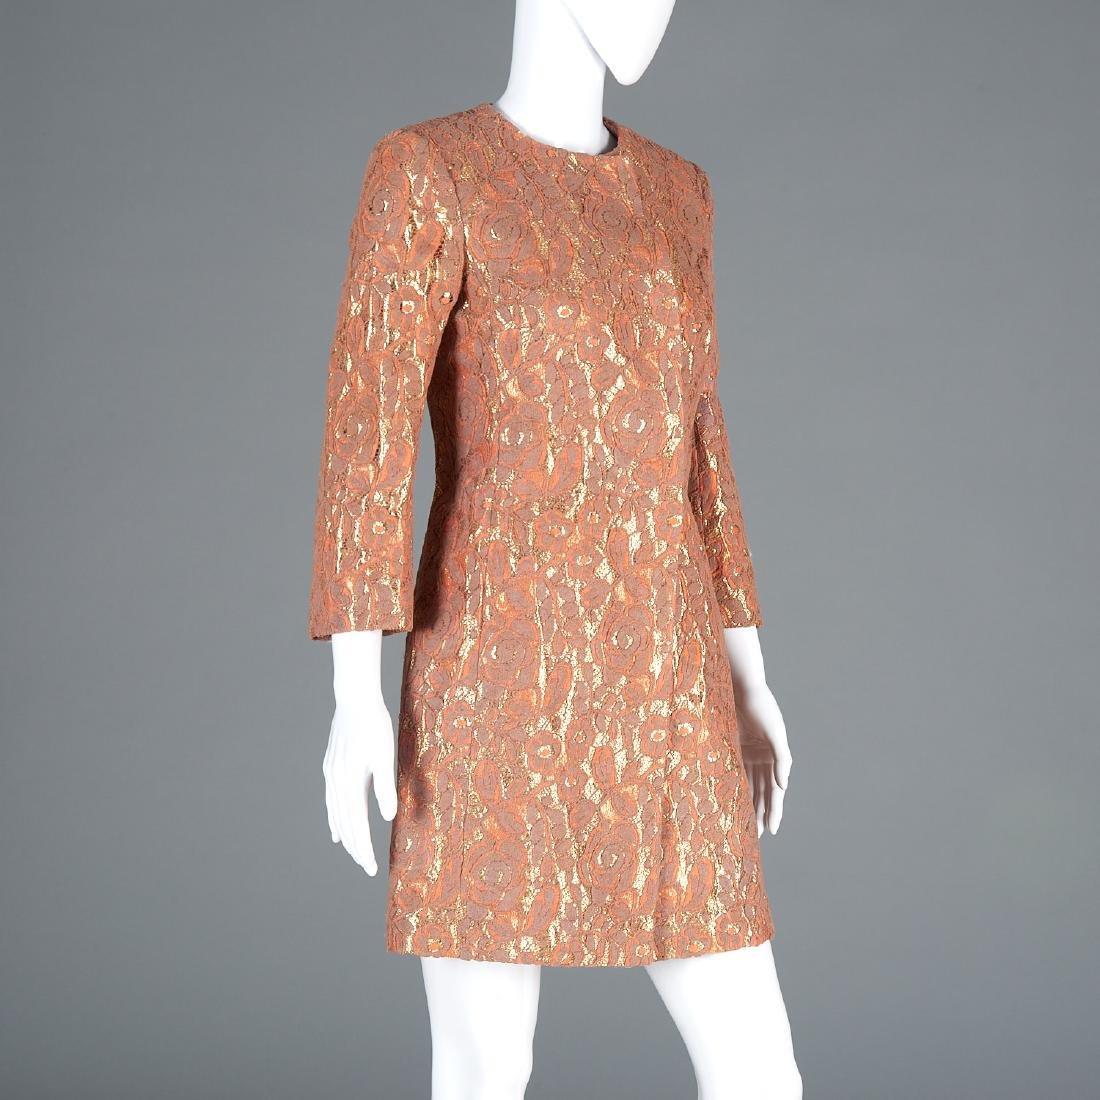 Tuleh overlaid lace evening coat